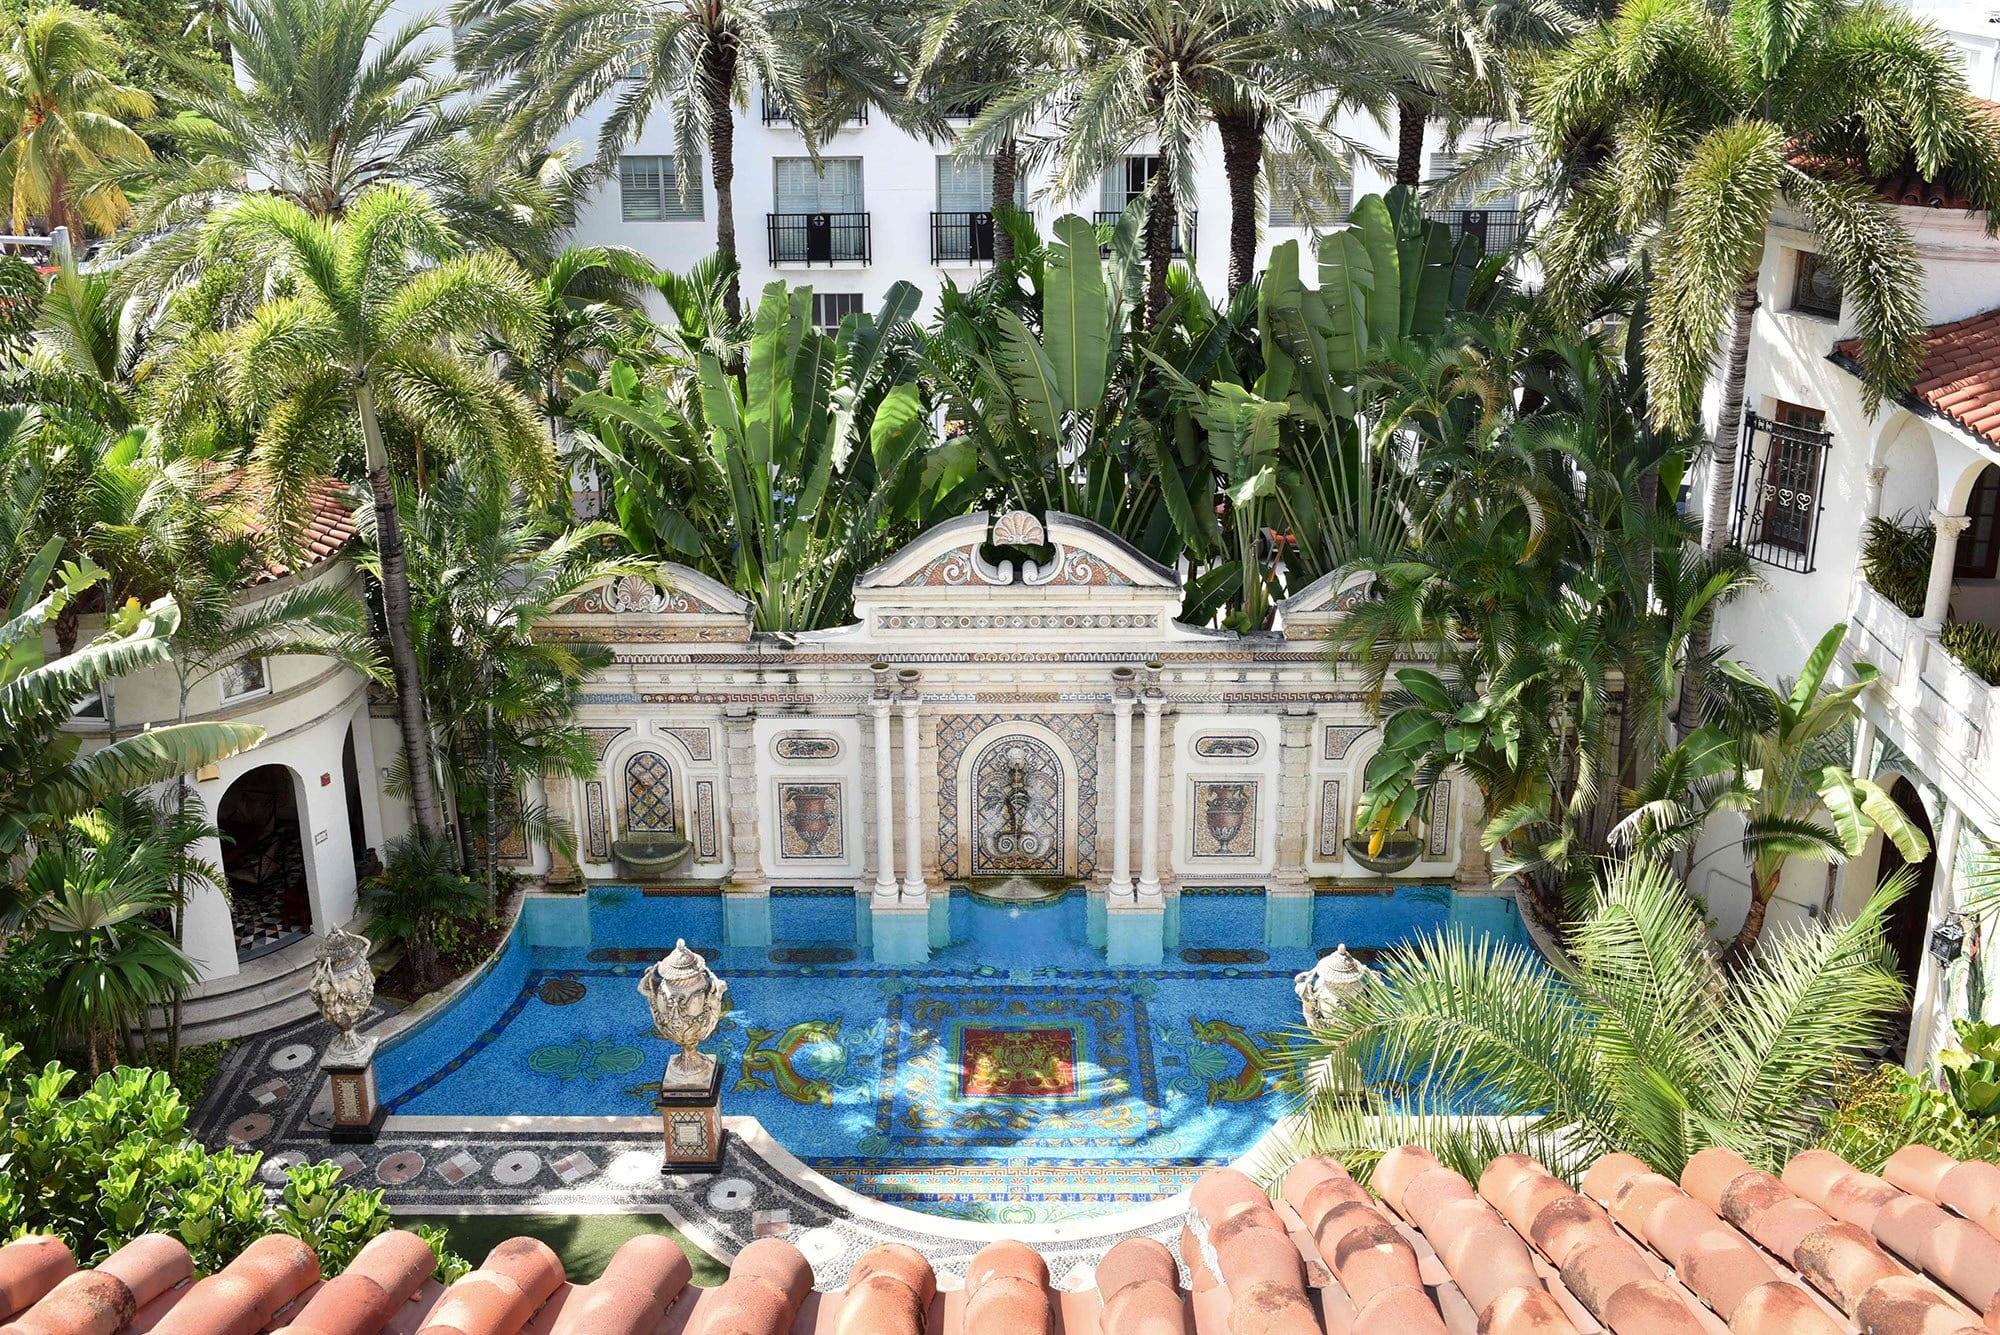 Gianni Versace, ecco la villa da mille e una notte dove è stato ucciso lo stilista [VIDEO]